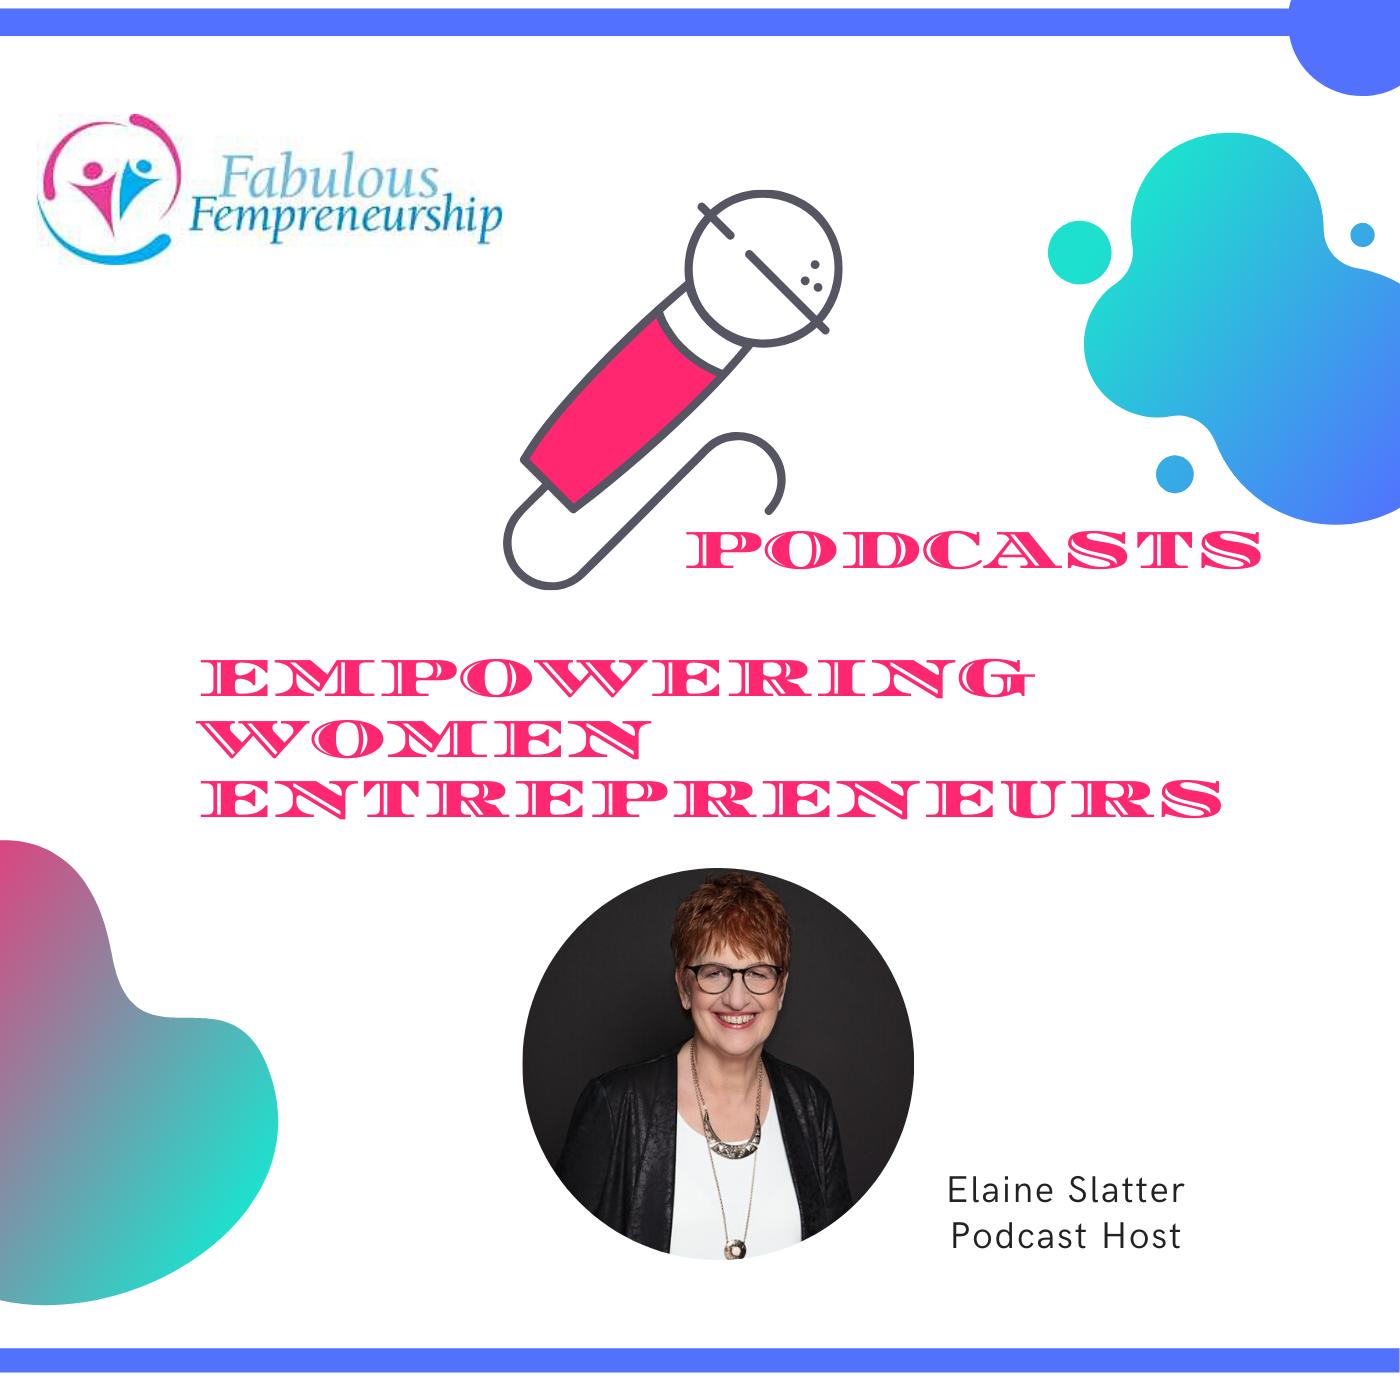 Fabulous Fempreneurship - Business Podcast show art